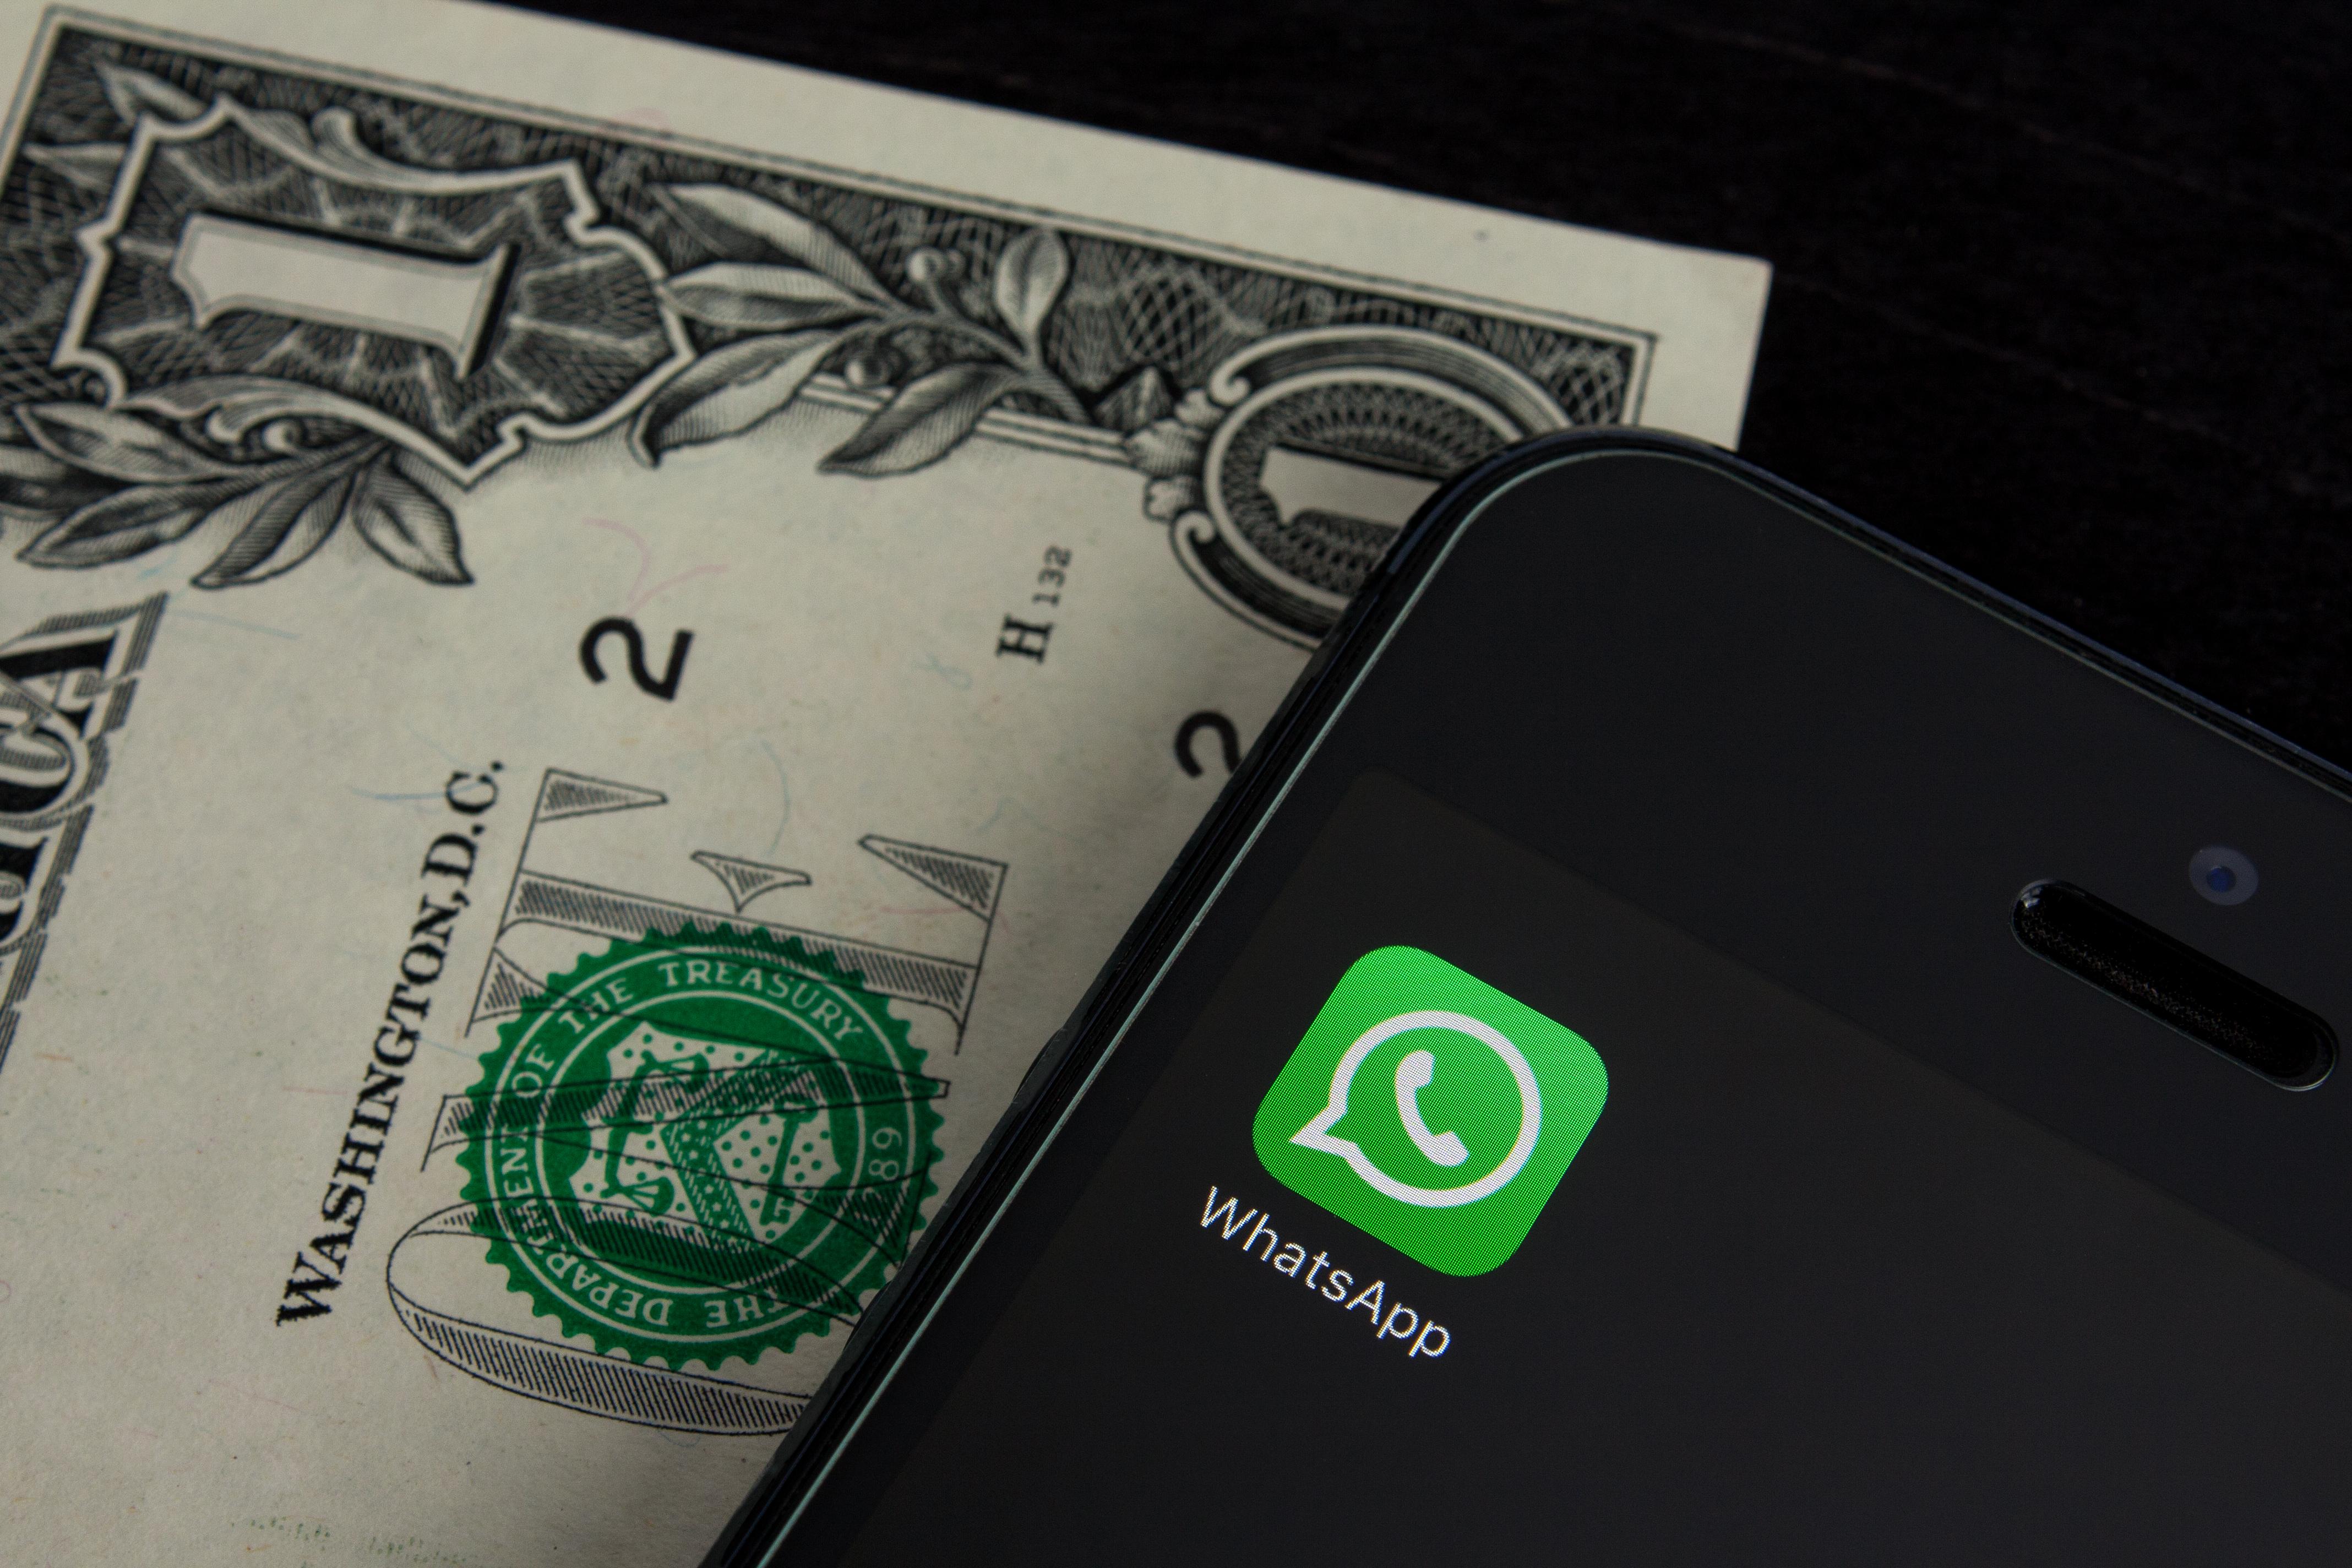 Plățile prin WhatsApp, accesibile în India pentru 20 de milioane de utilizatori